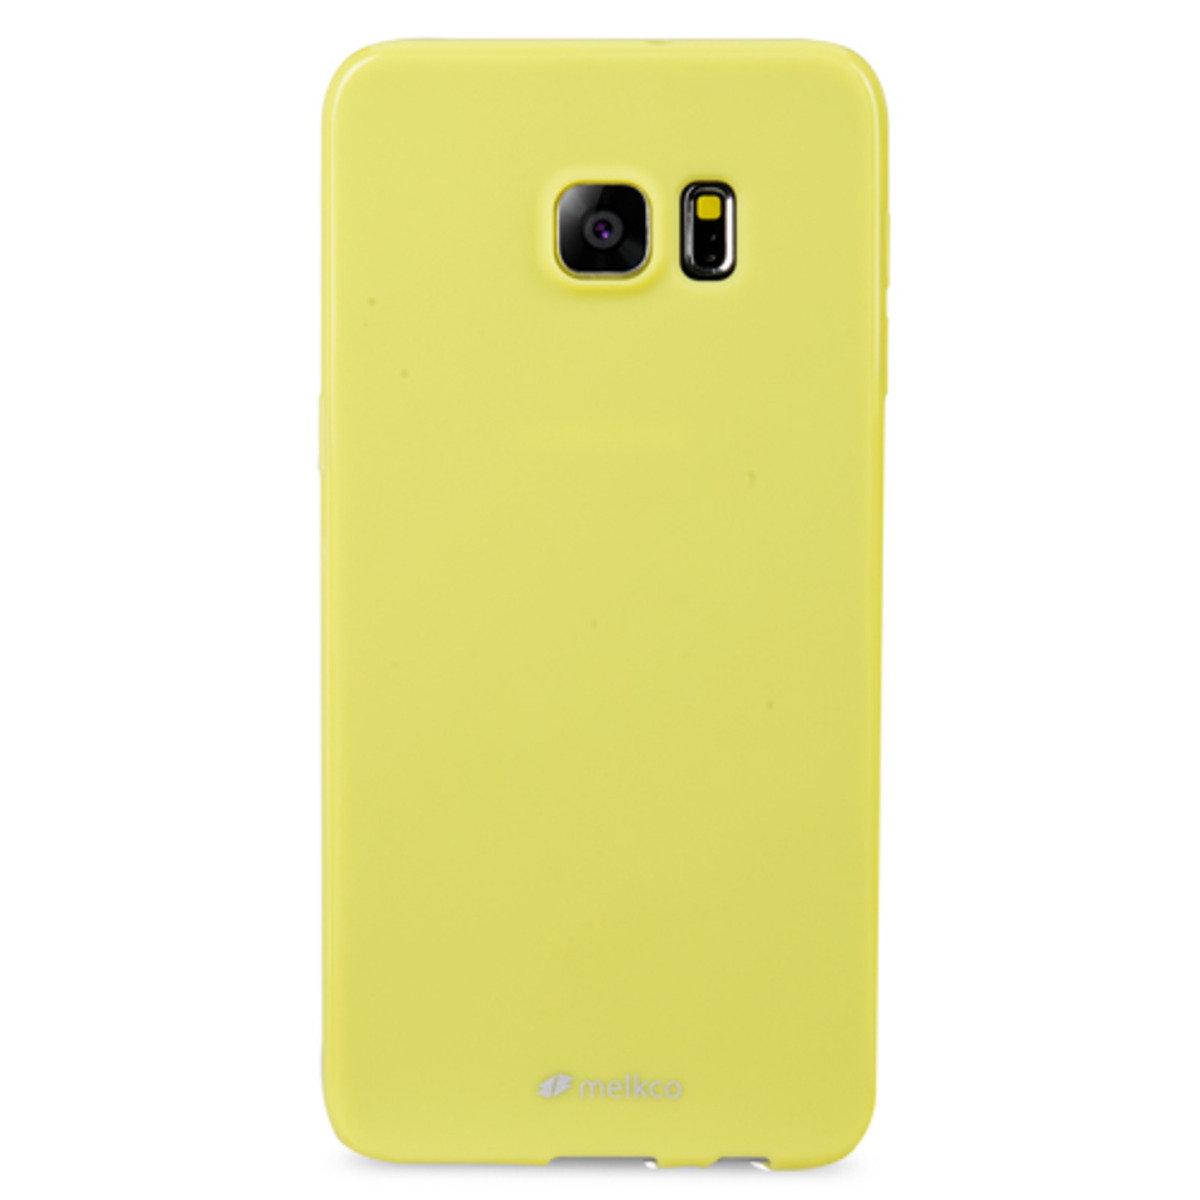 Galaxy S6 Edge Plus Poly Jacket手機保護殼 - 珍珠黃色(附送屏幕保護貼)